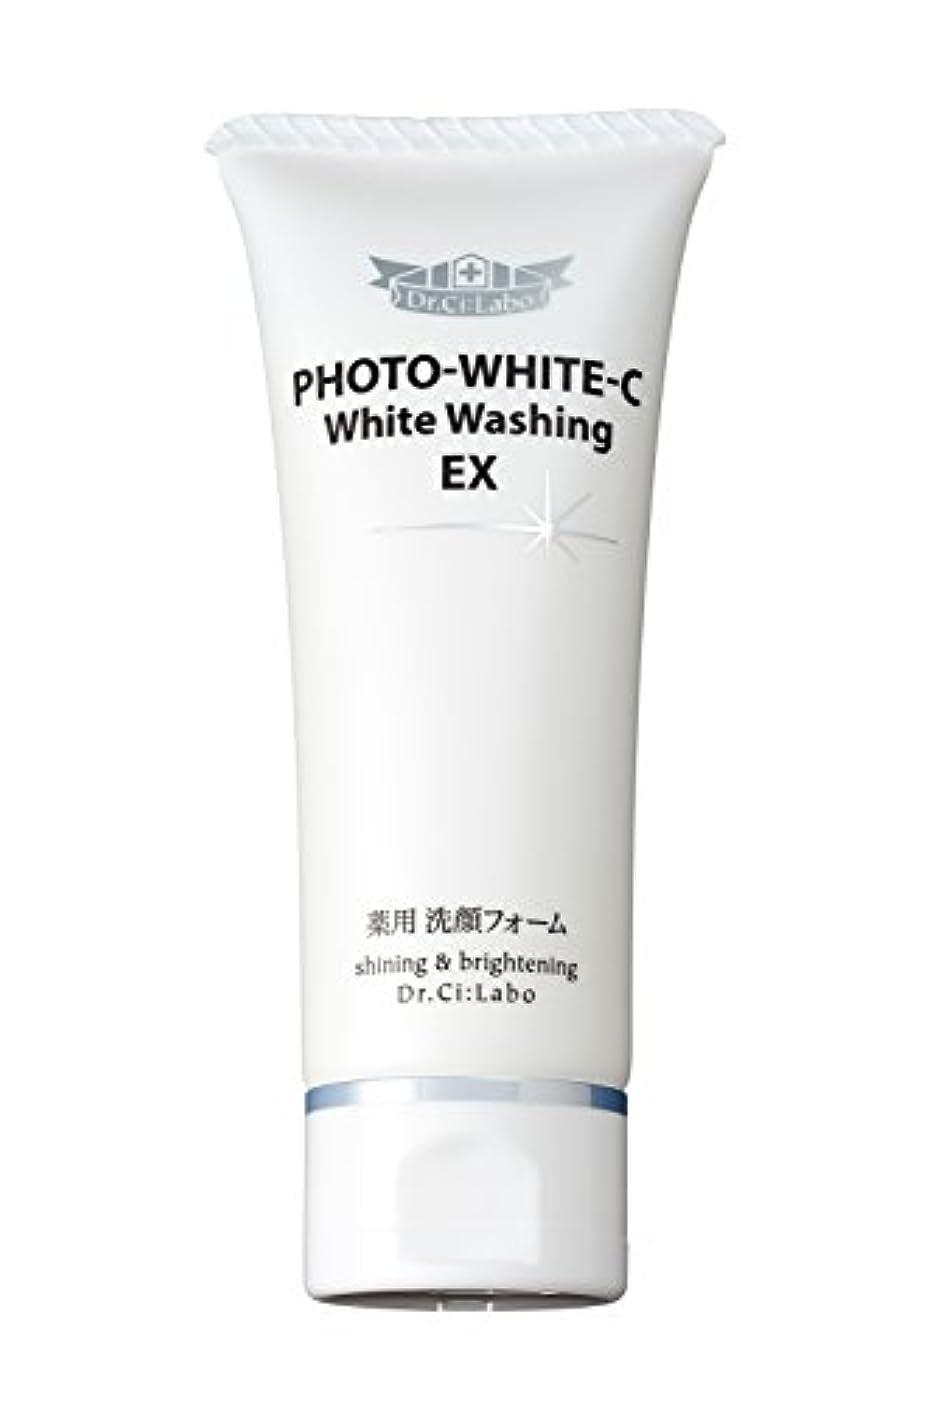 メーター囲むギネスドクターシーラボ フォトホワイトC薬用ホワイトウォッシングEX 90g 洗顔フォーム [医薬部外品]